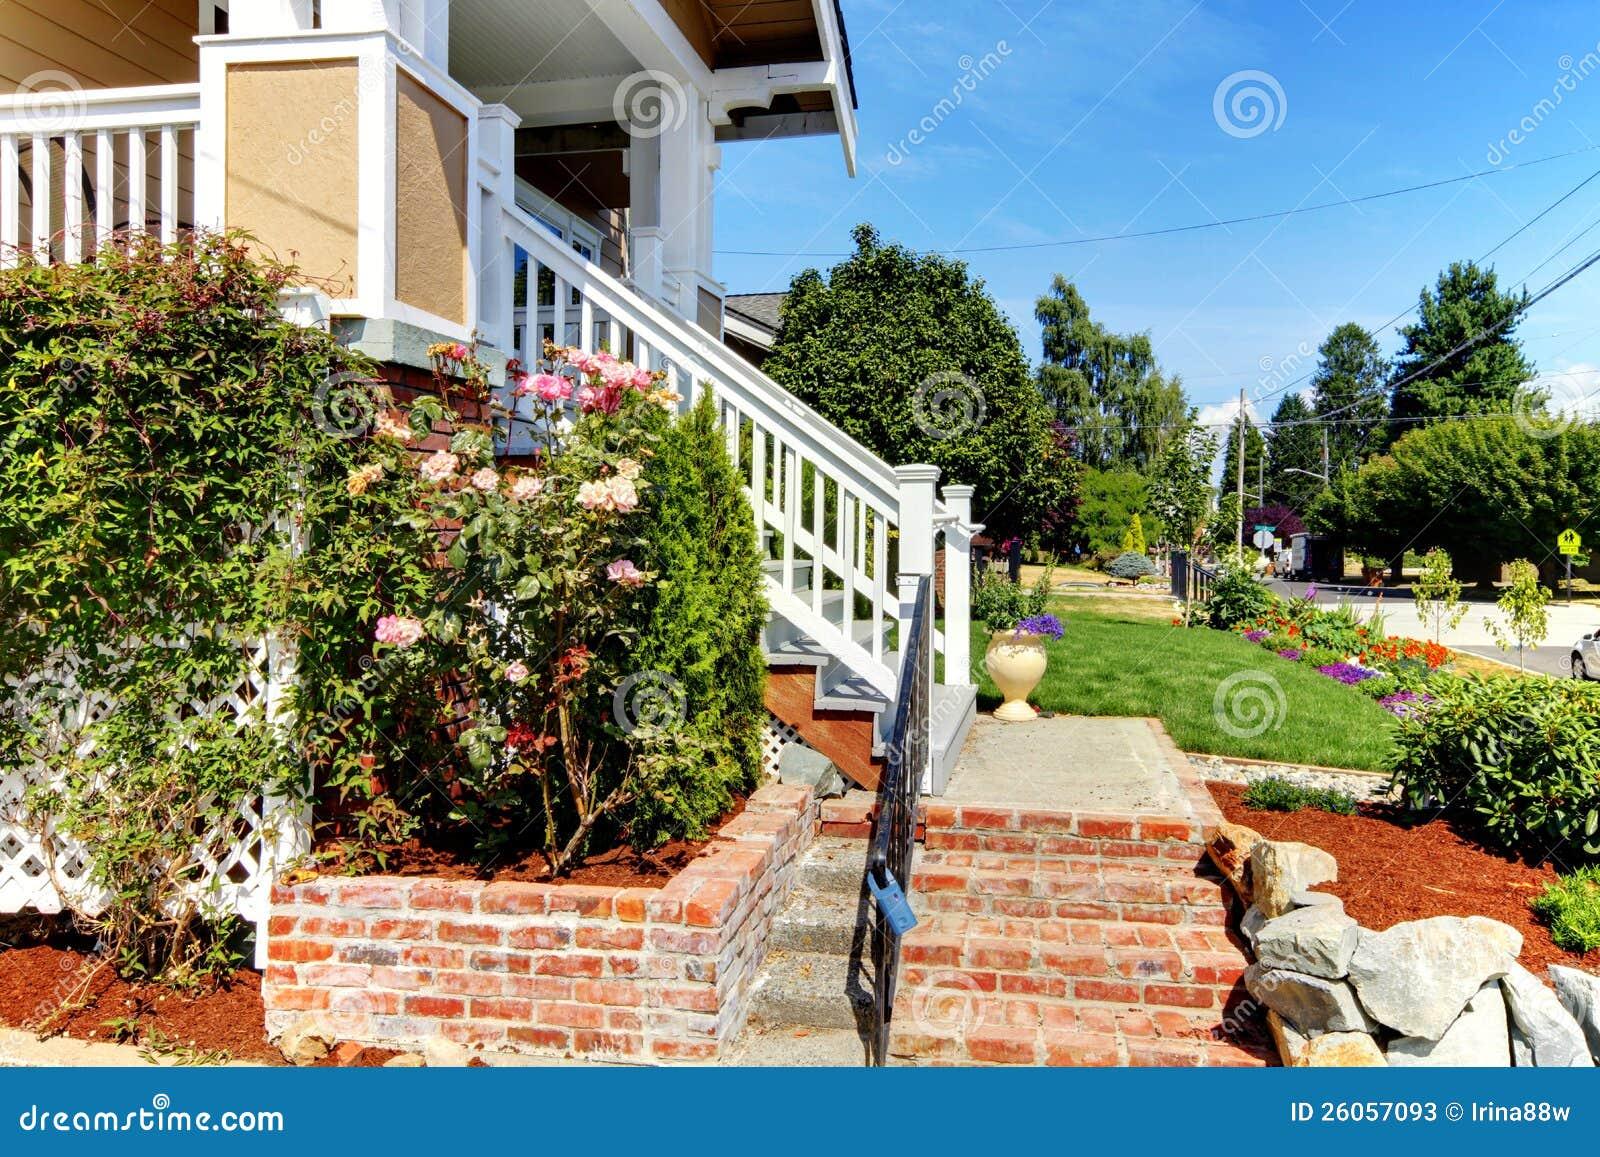 Escaleras de la entrada de la casa del ladrillo imagen de - Escaleras de ladrillo ...